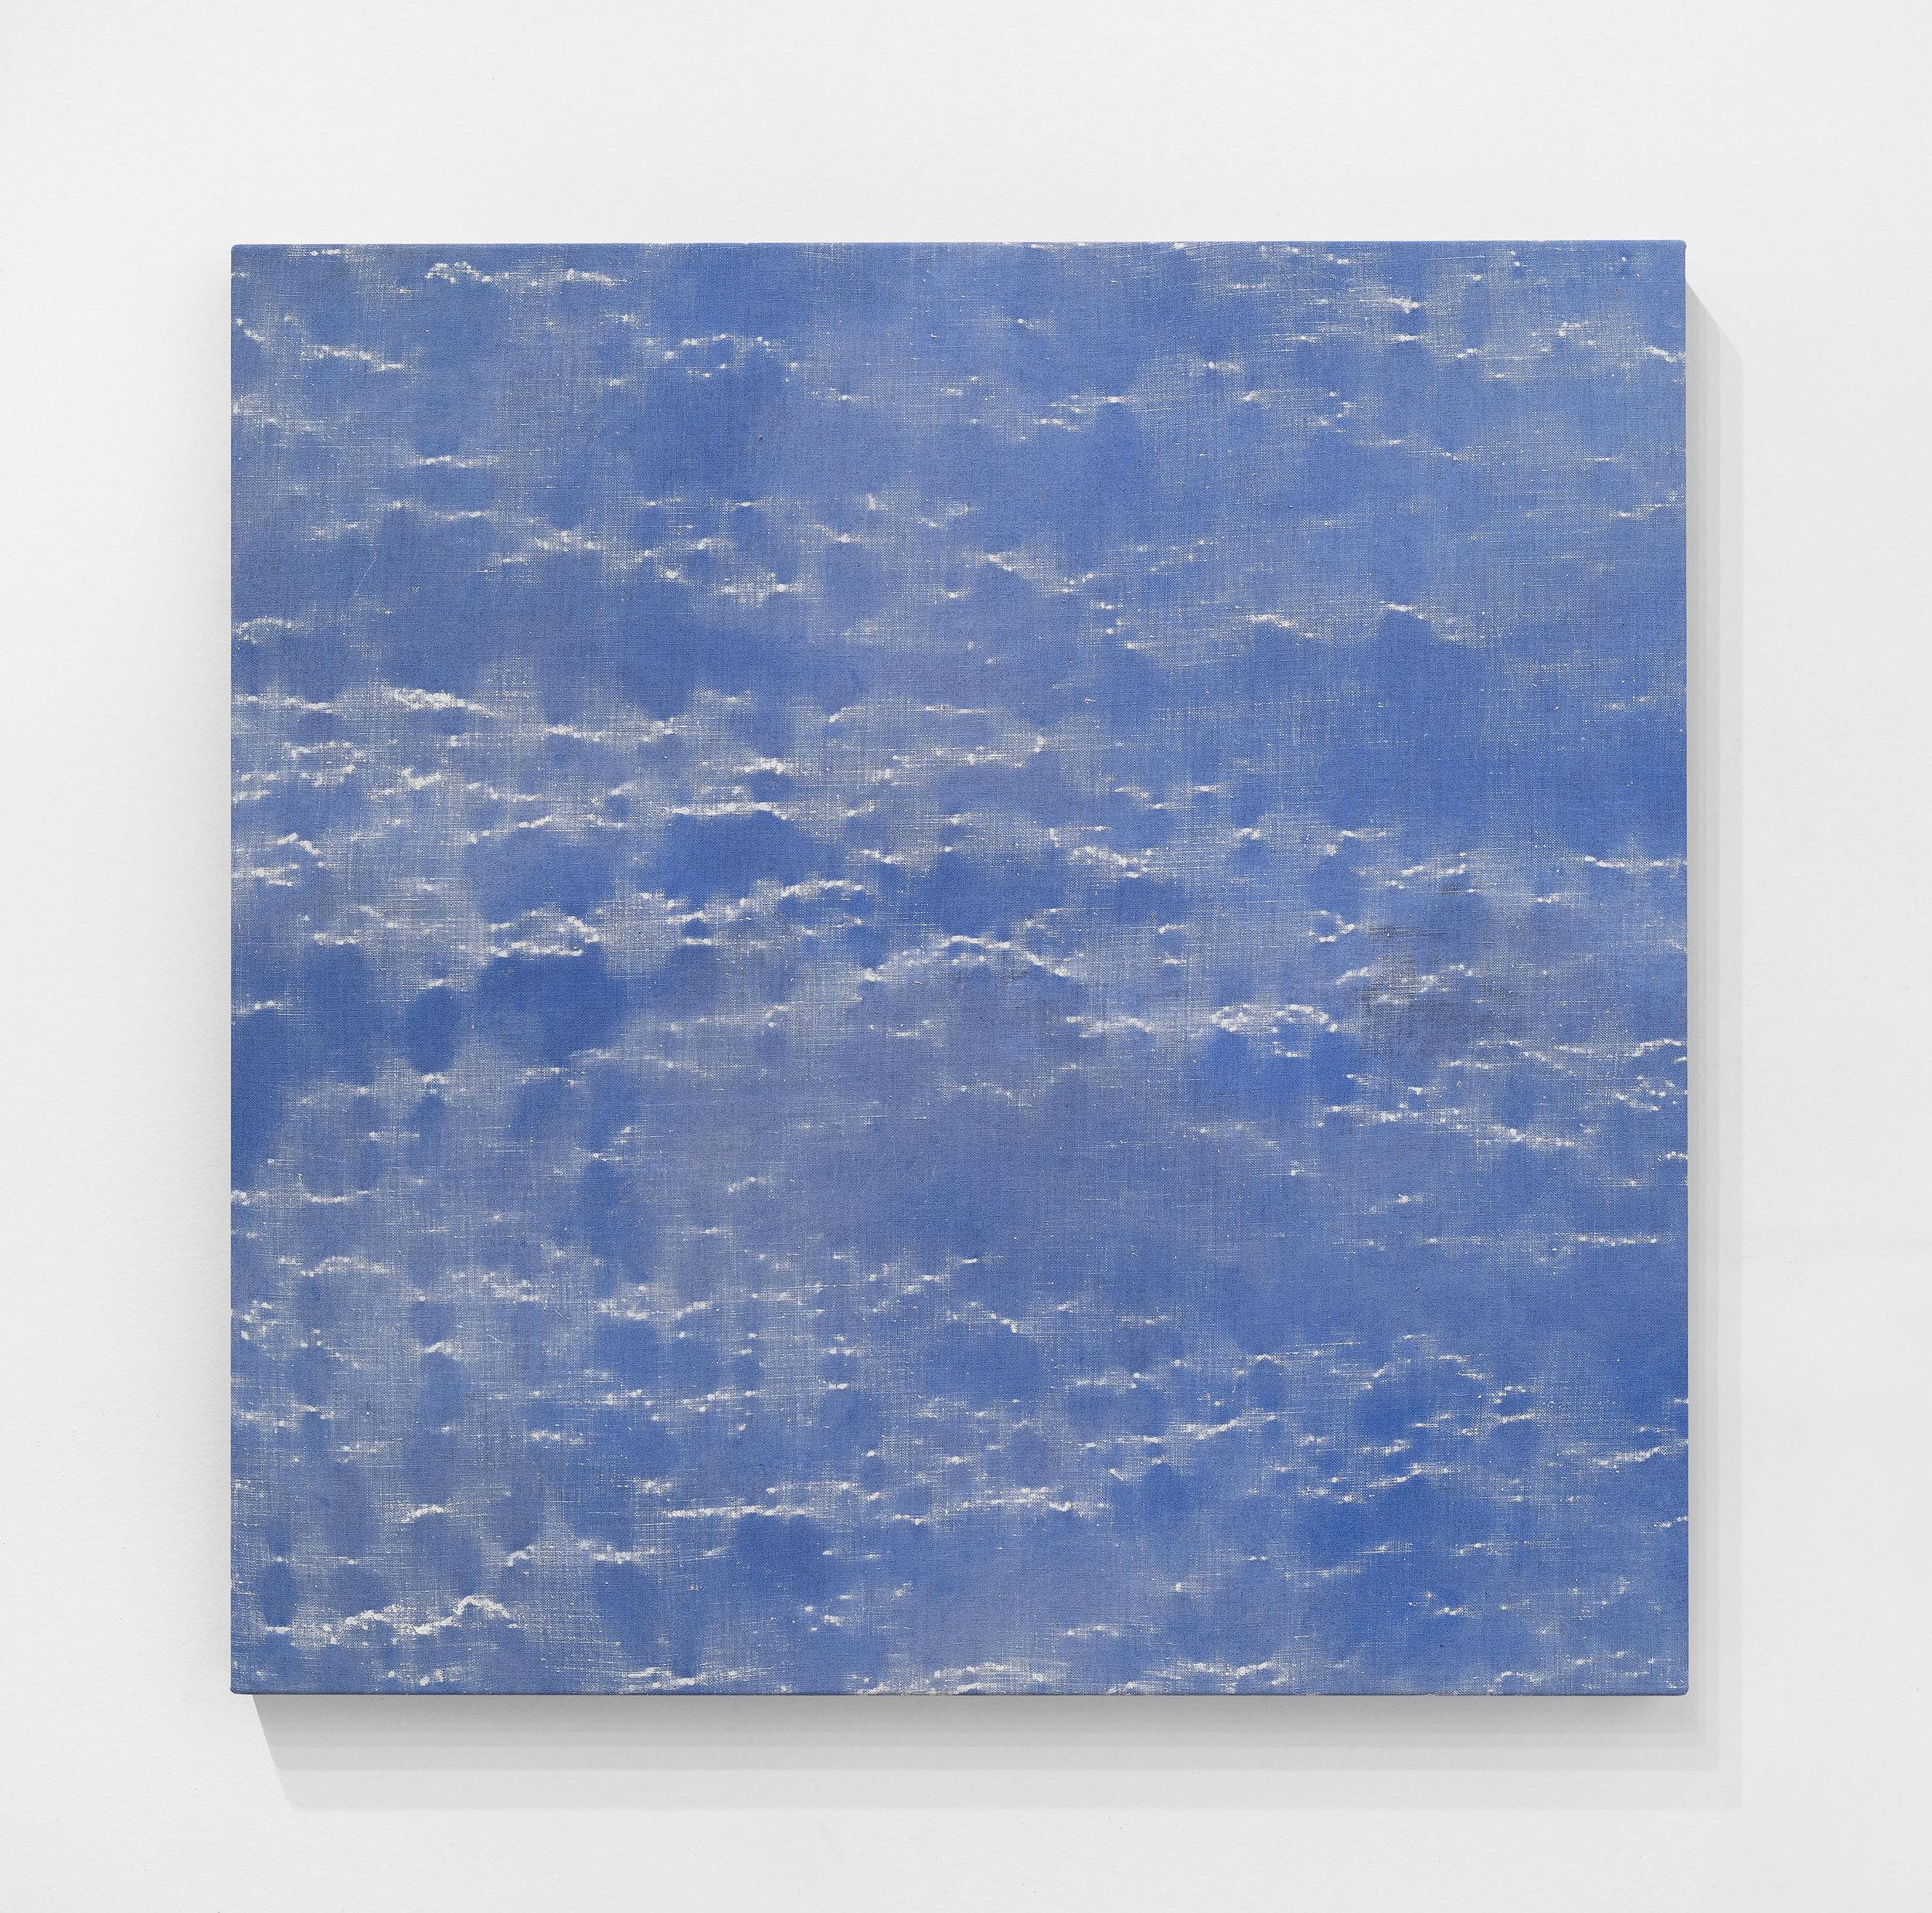 HAUNA , 2018 Oil on linen 30 x 30 in. 76.2 x 76.2 cm